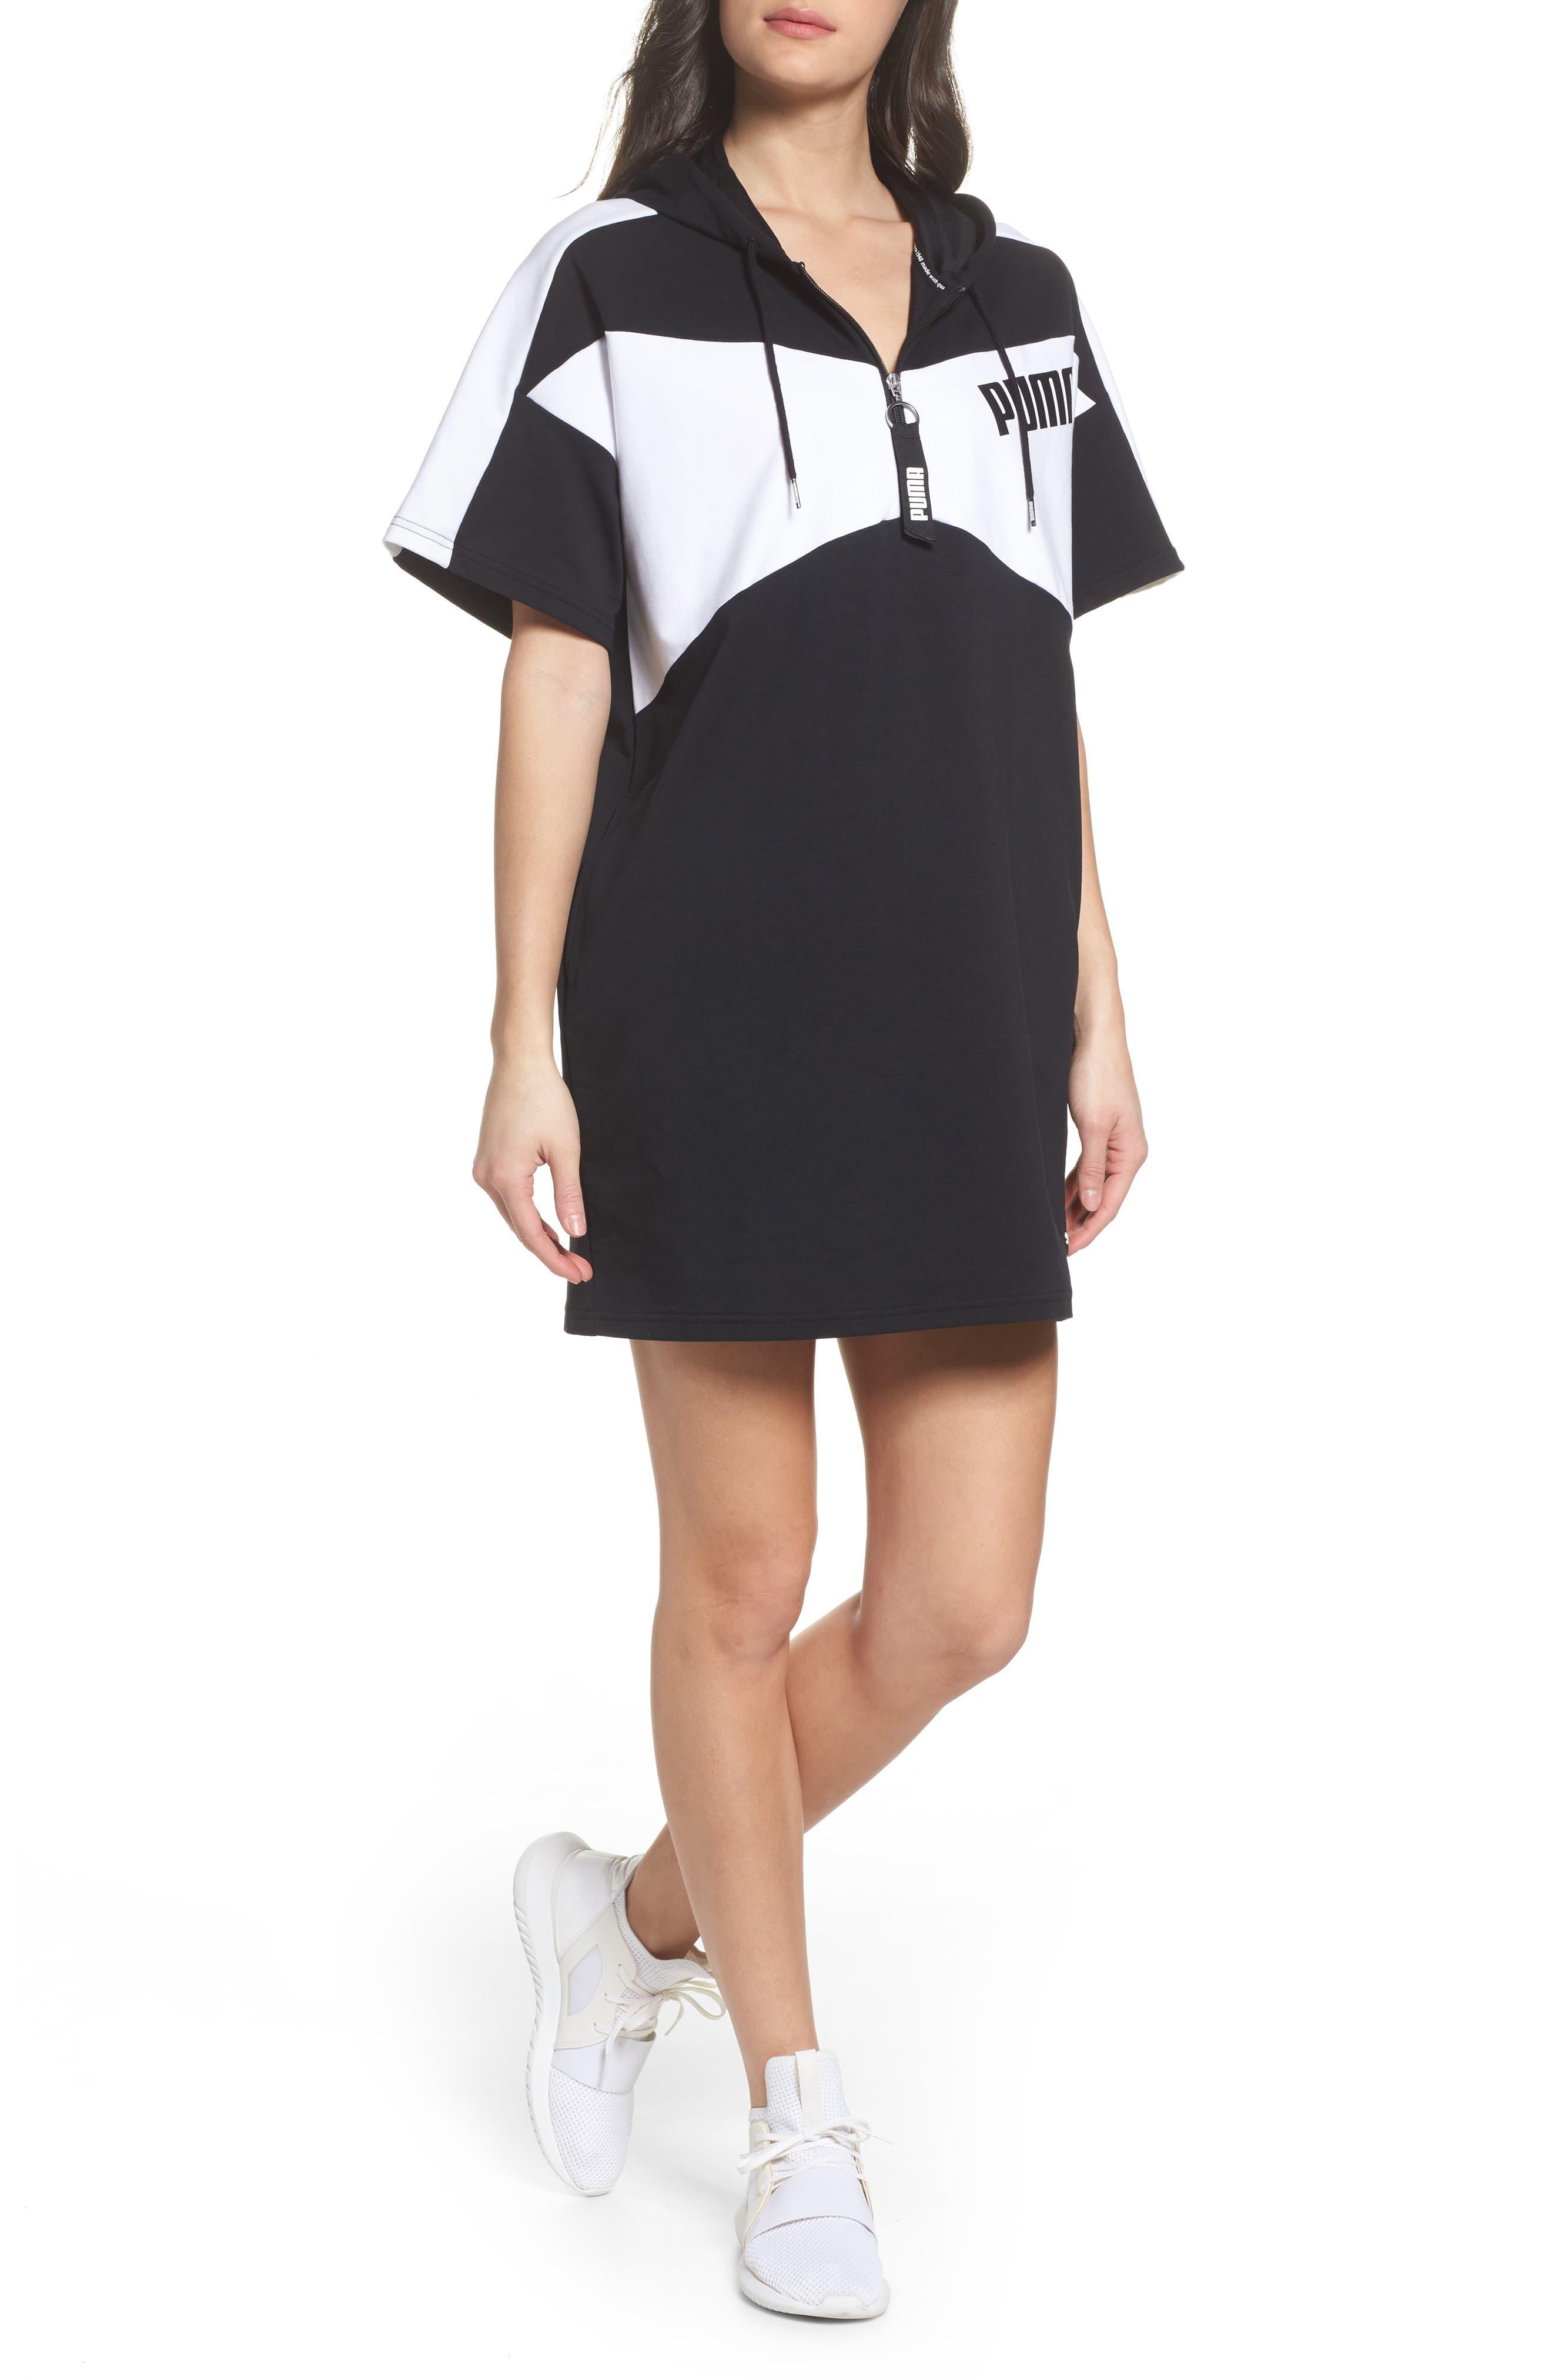 Archive Dress,                         Main,                         color, Puma Black